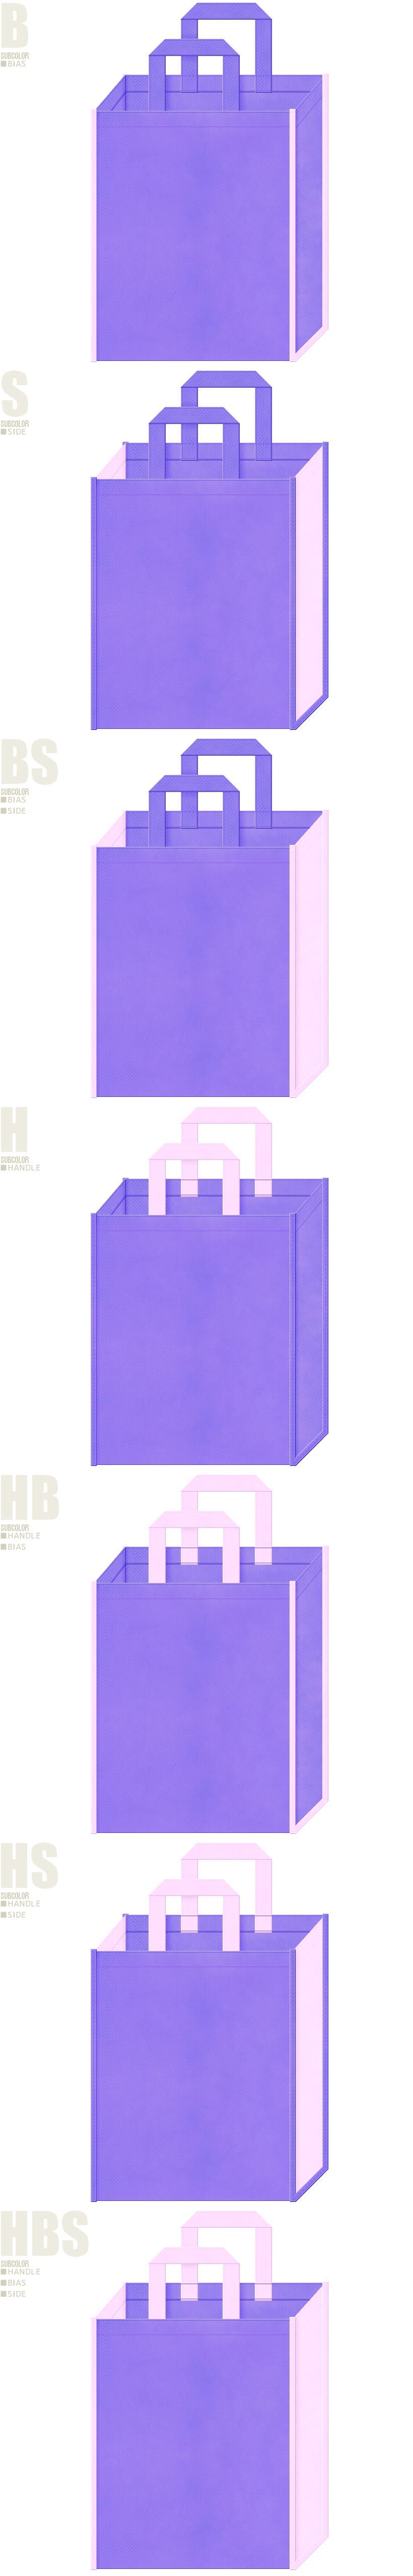 パステルカラー・ドリーミー・プリティー・ファンシー・プリンセス・マーメイド・医療施設・福祉施設・保育施設・介護施設にお奨めの不織布バッグデザイン:薄紫色と明るいピンク色の配色7パターン